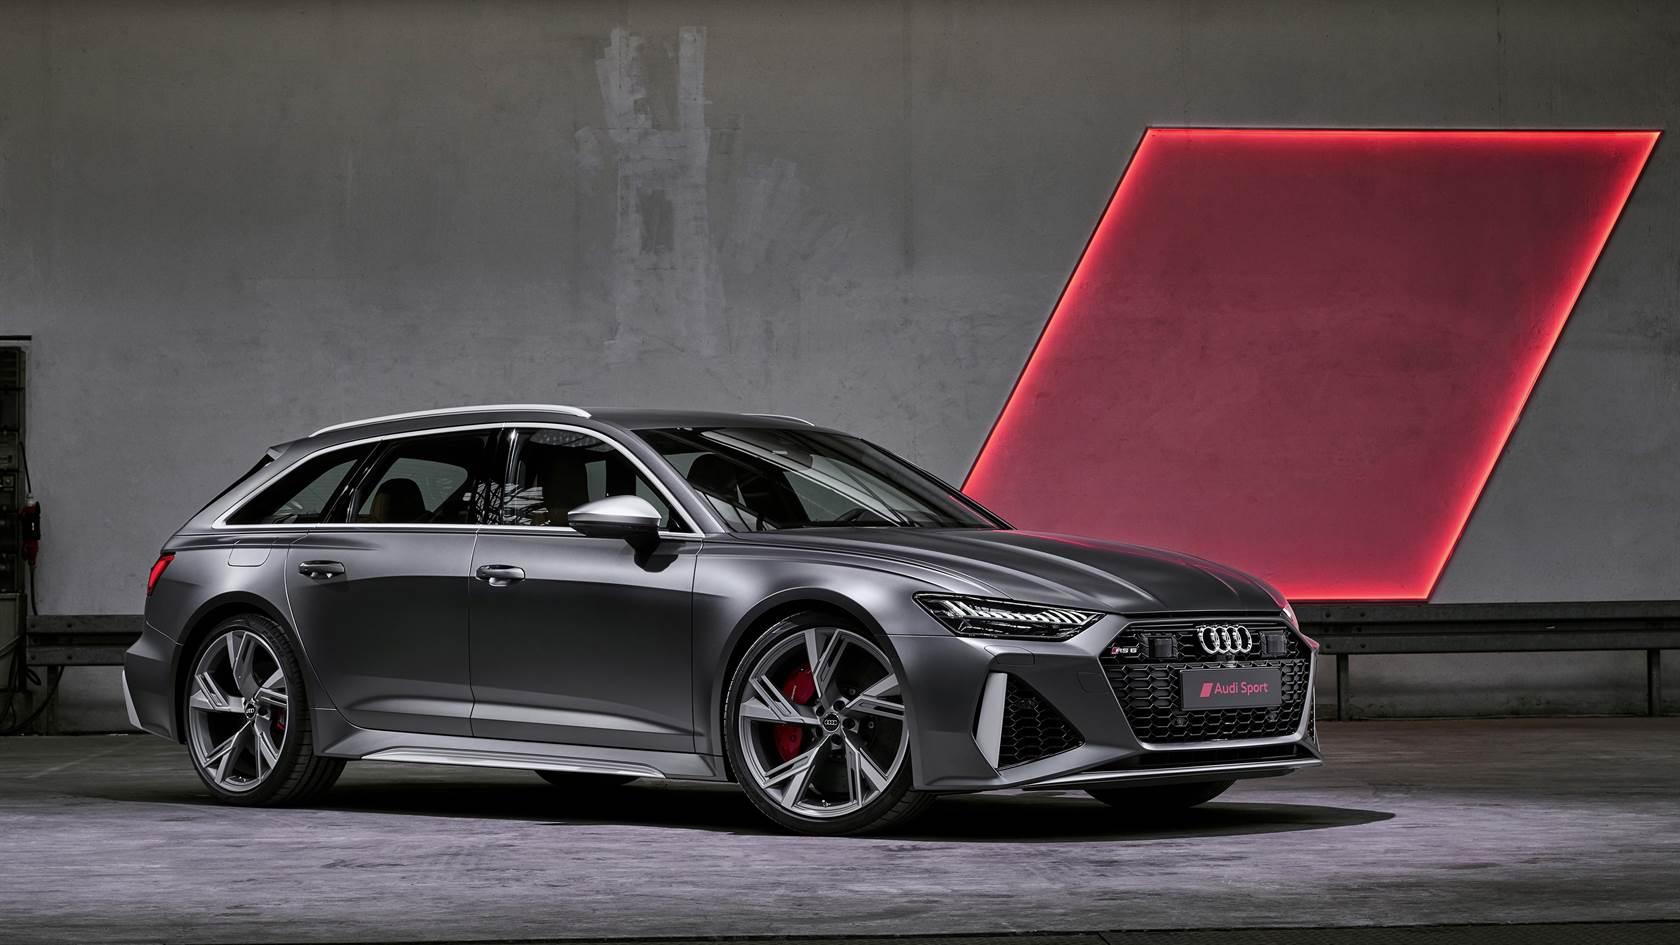 Kelebihan Audi Rs7 Avant Harga